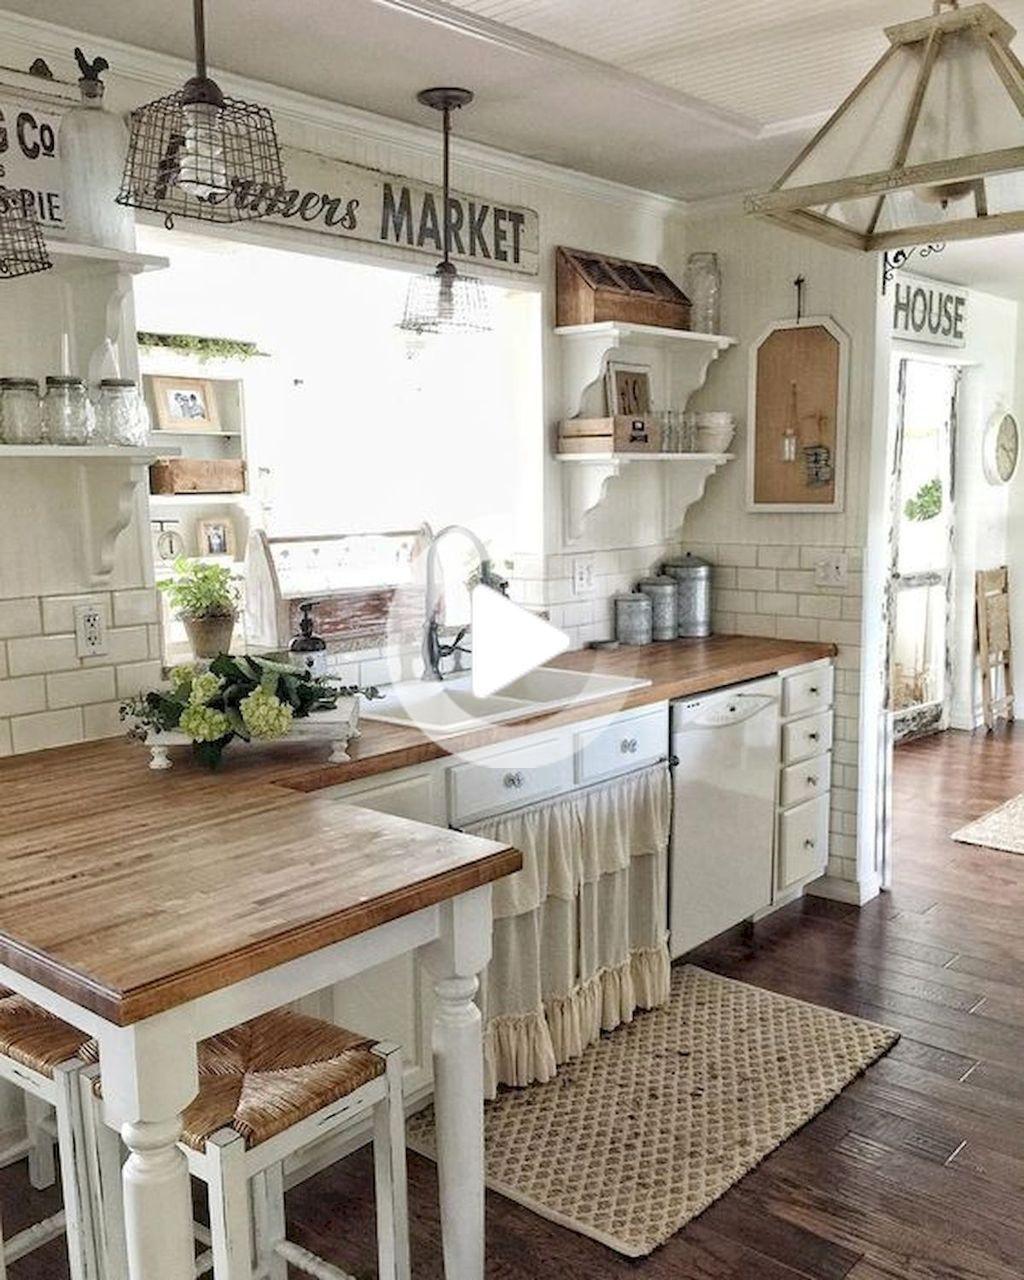 44 Incroyable printemps Cuisine idées de décoration in